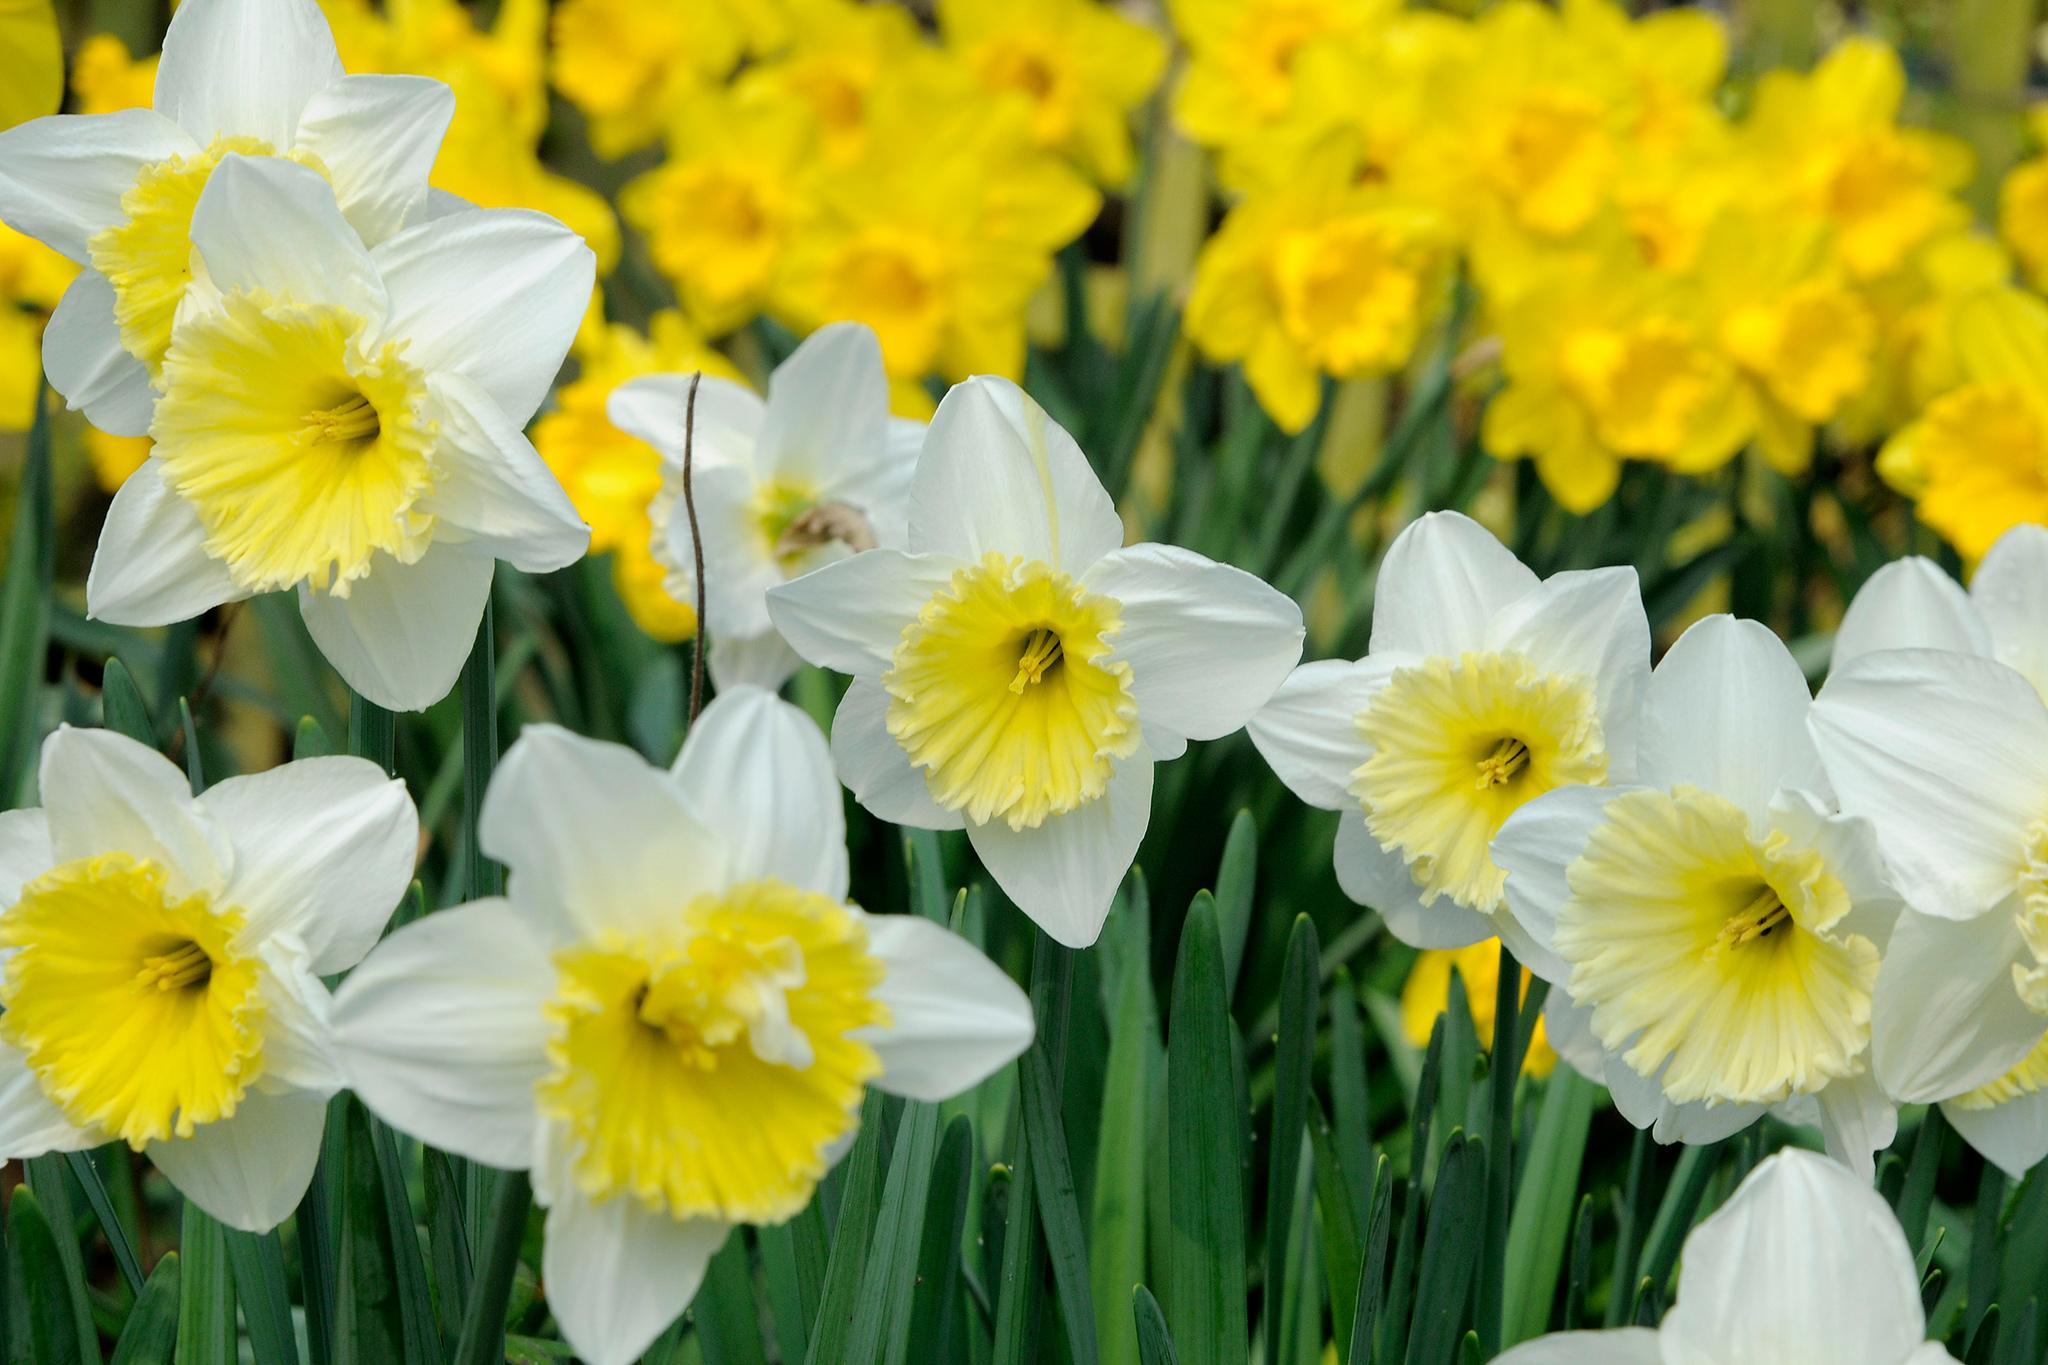 daffodil-flowers-3